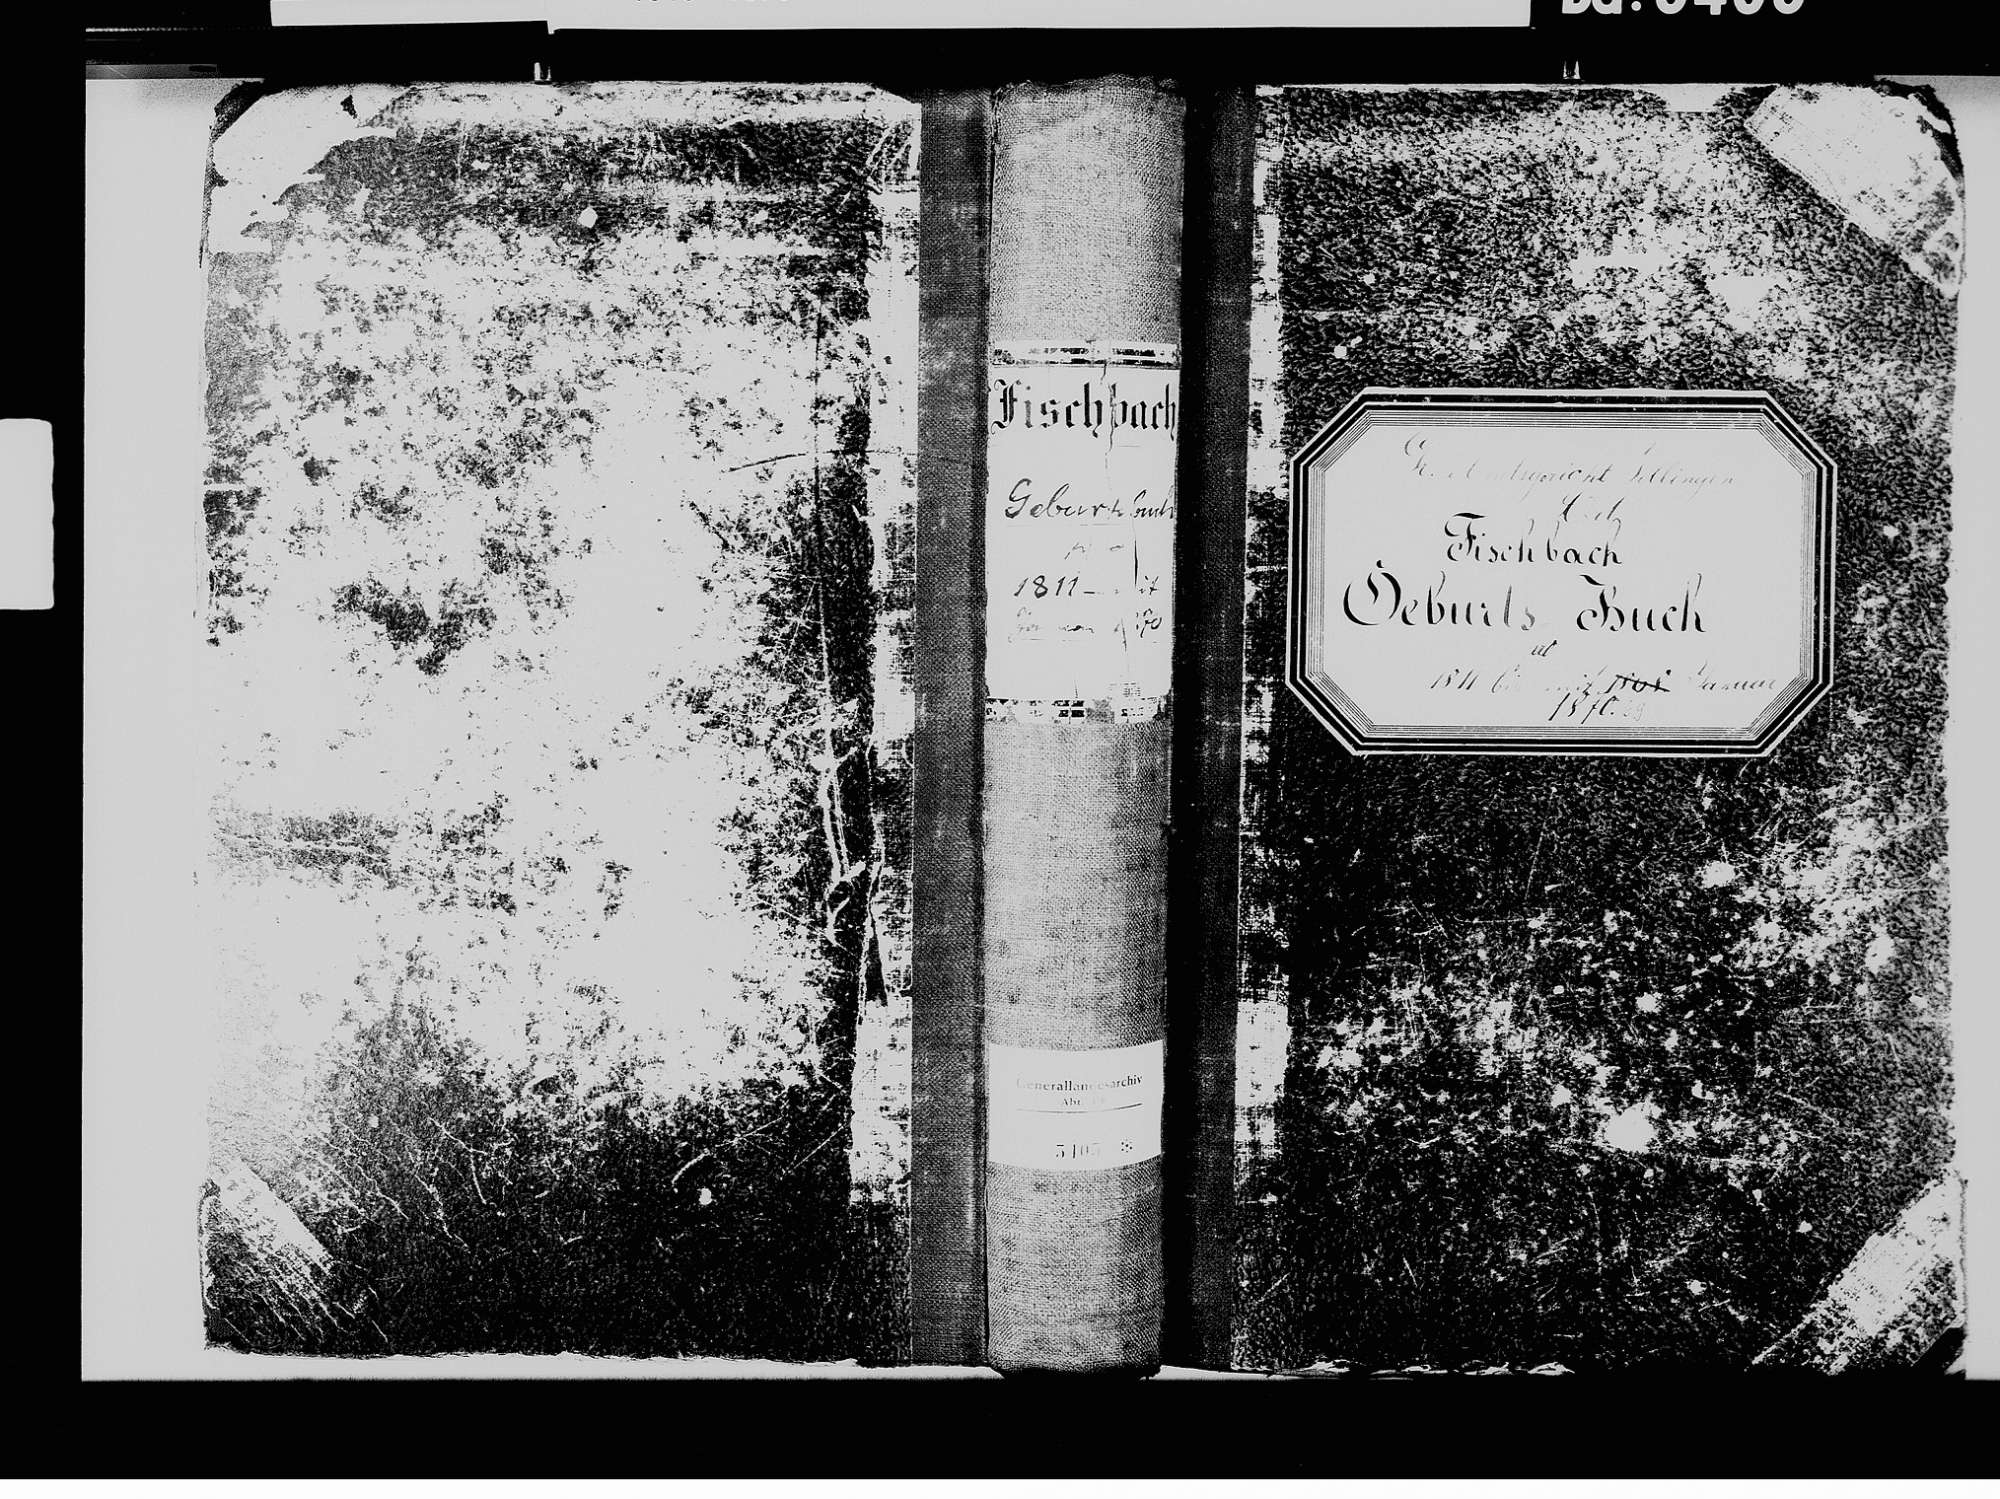 Fischbach, Niedereschach VS; Katholische Gemeinde: Geburtenbuch 1811-1870 Fischbach, Niedereschach VS; Katholische Gemeinde: Heiratsbuch 1813, Bild 2